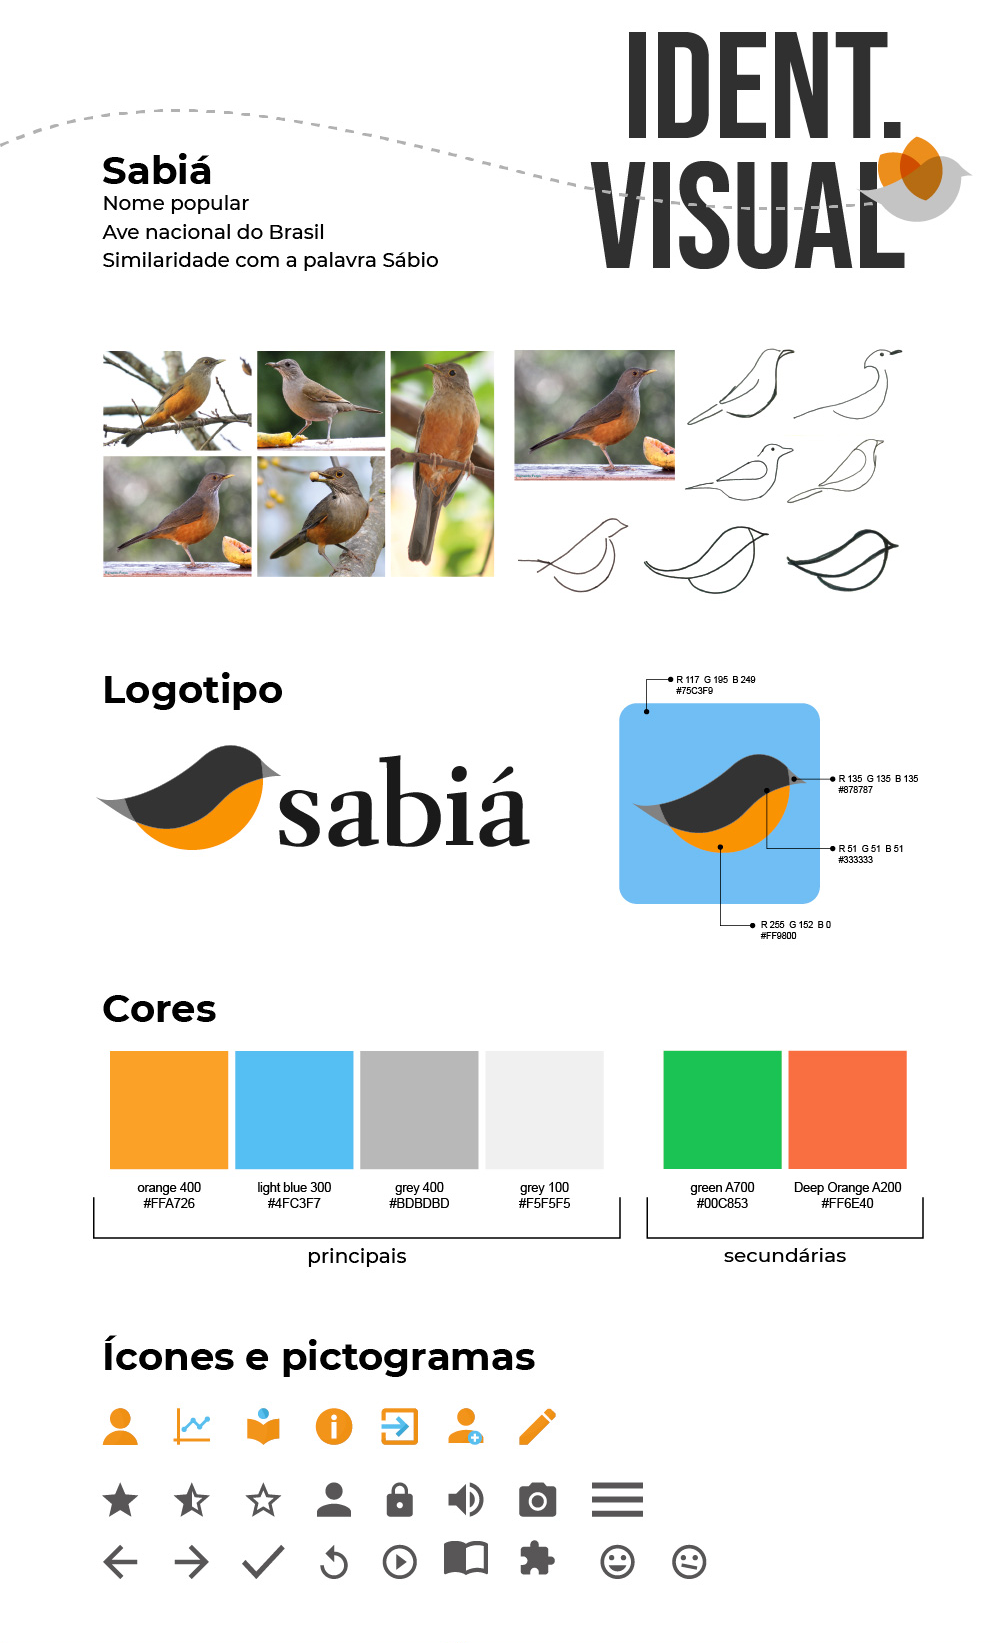 Image may contain: screenshot, bird and cartoon